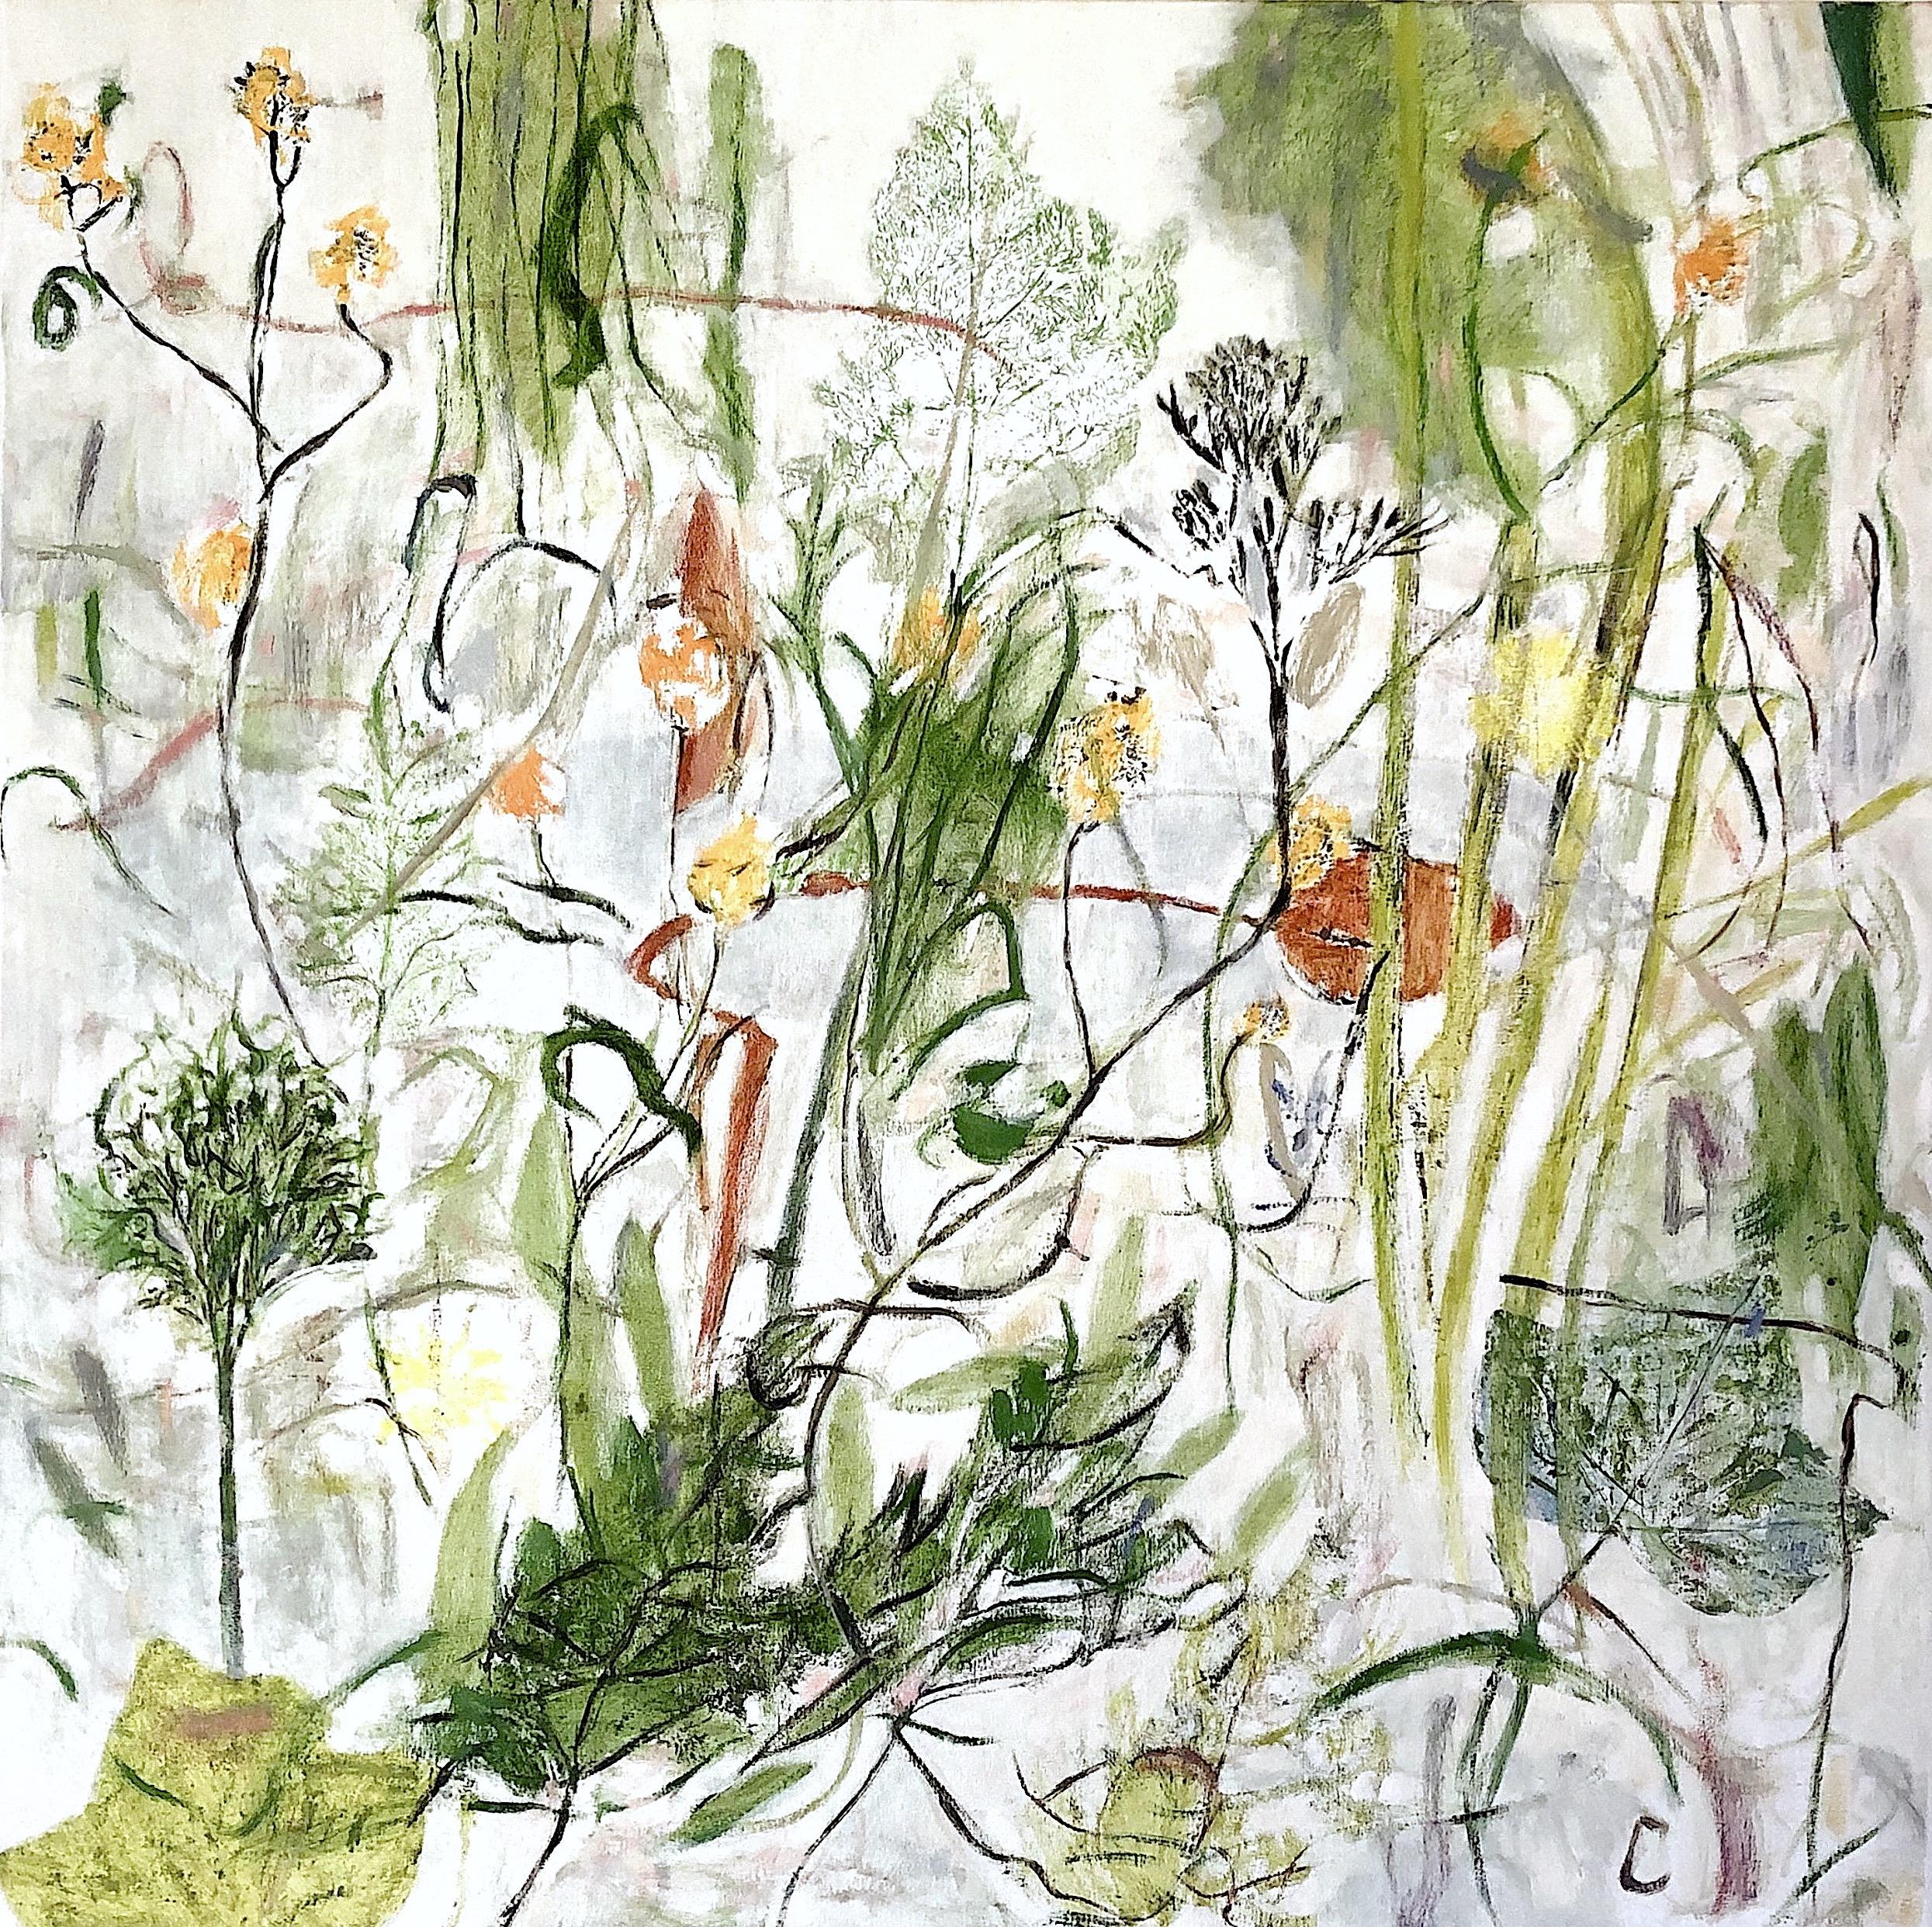 PattiTrimble_garden 7_may 2020_oil on linen_28x28